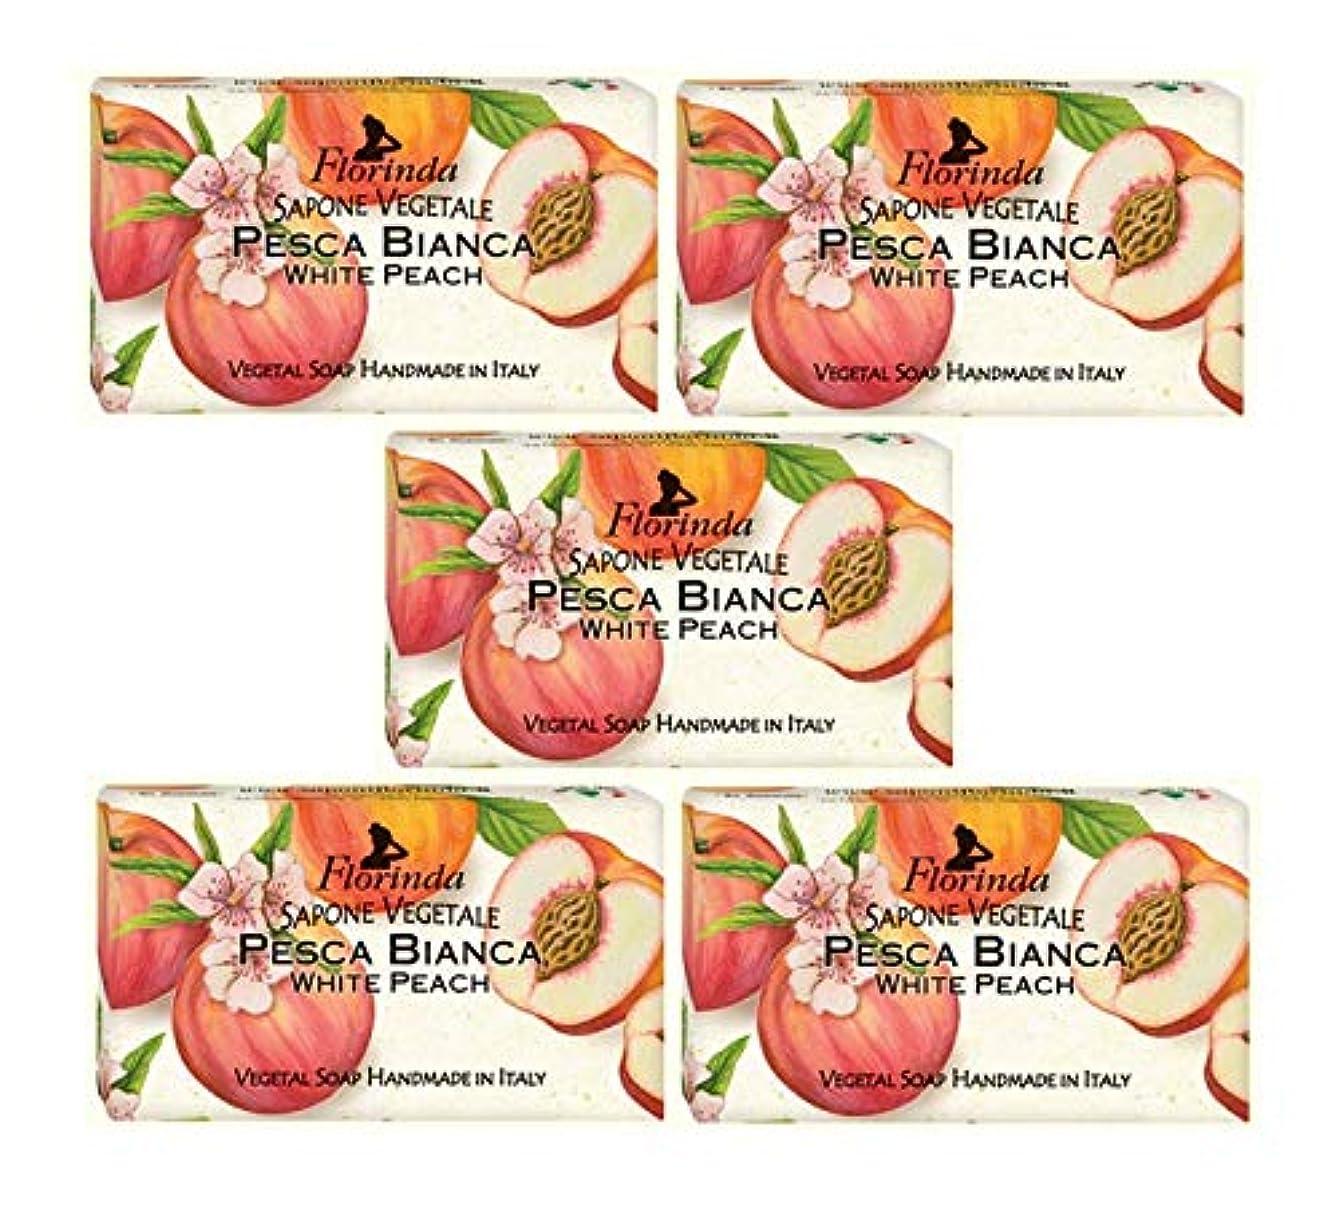 ベルト賛辞洞察力のあるフロリンダ フレグランスソープ 固形石けん フルーツの香り ホワイトピーチ 95g×5個セット